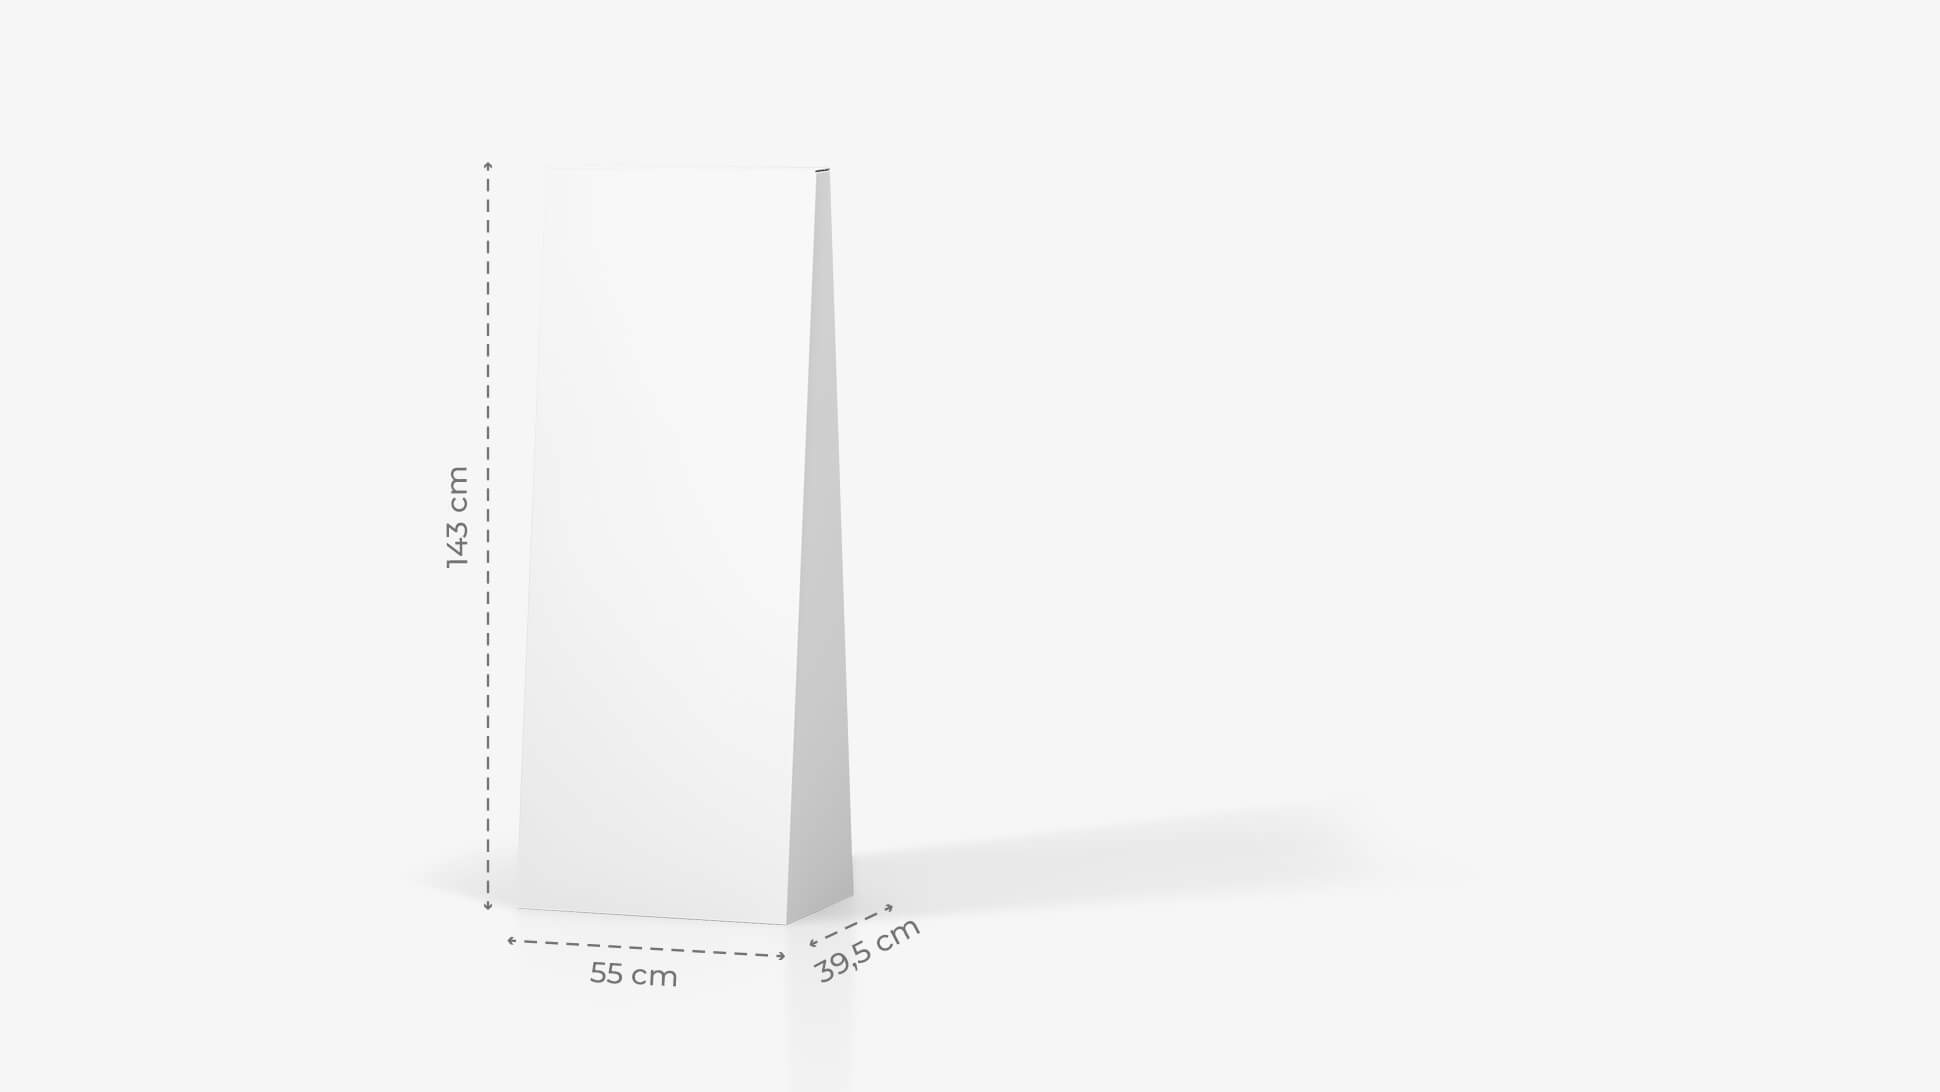 Espositore trapezio personalizzato h143 cm  | tictac.it